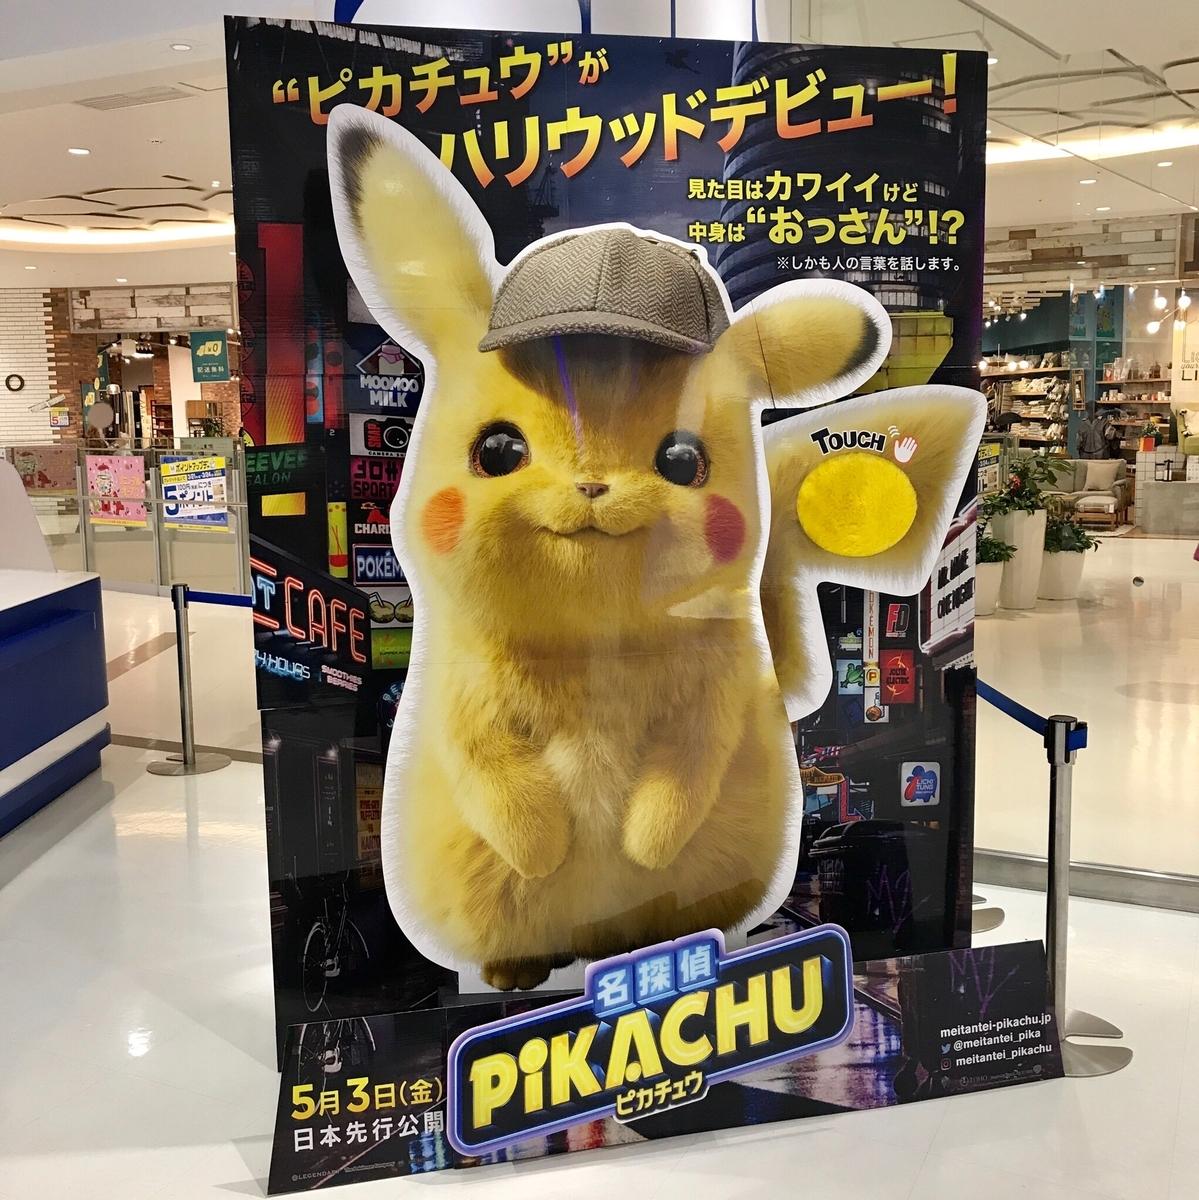 f:id:pikachu_pcn:20190321210215j:plain